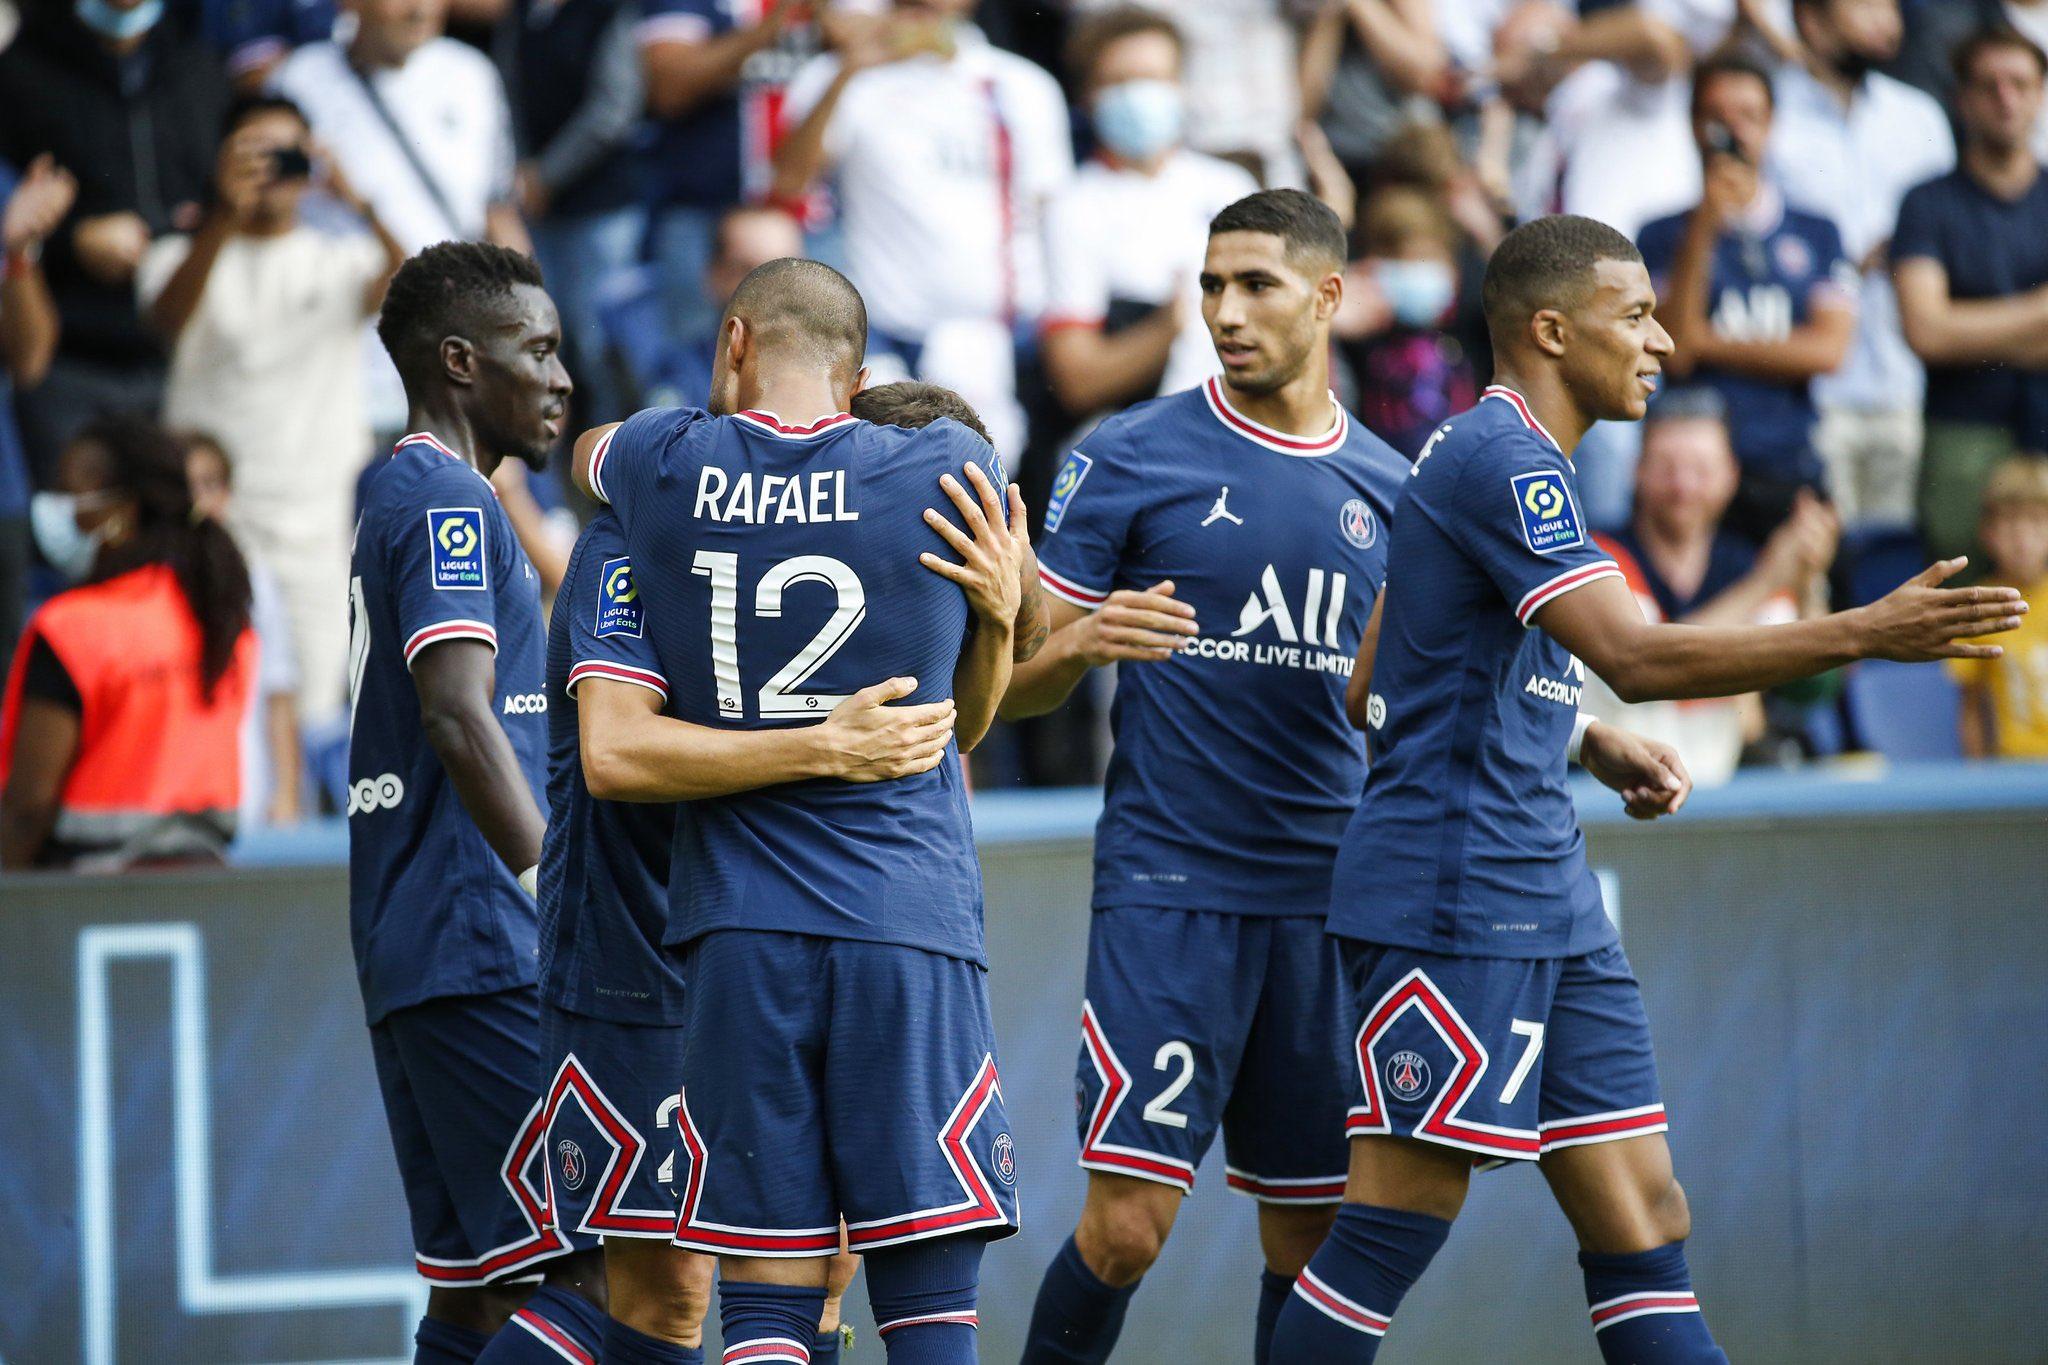 مباراة باريس سان جيرمان وكليرمونت في الدوري الفرنسي